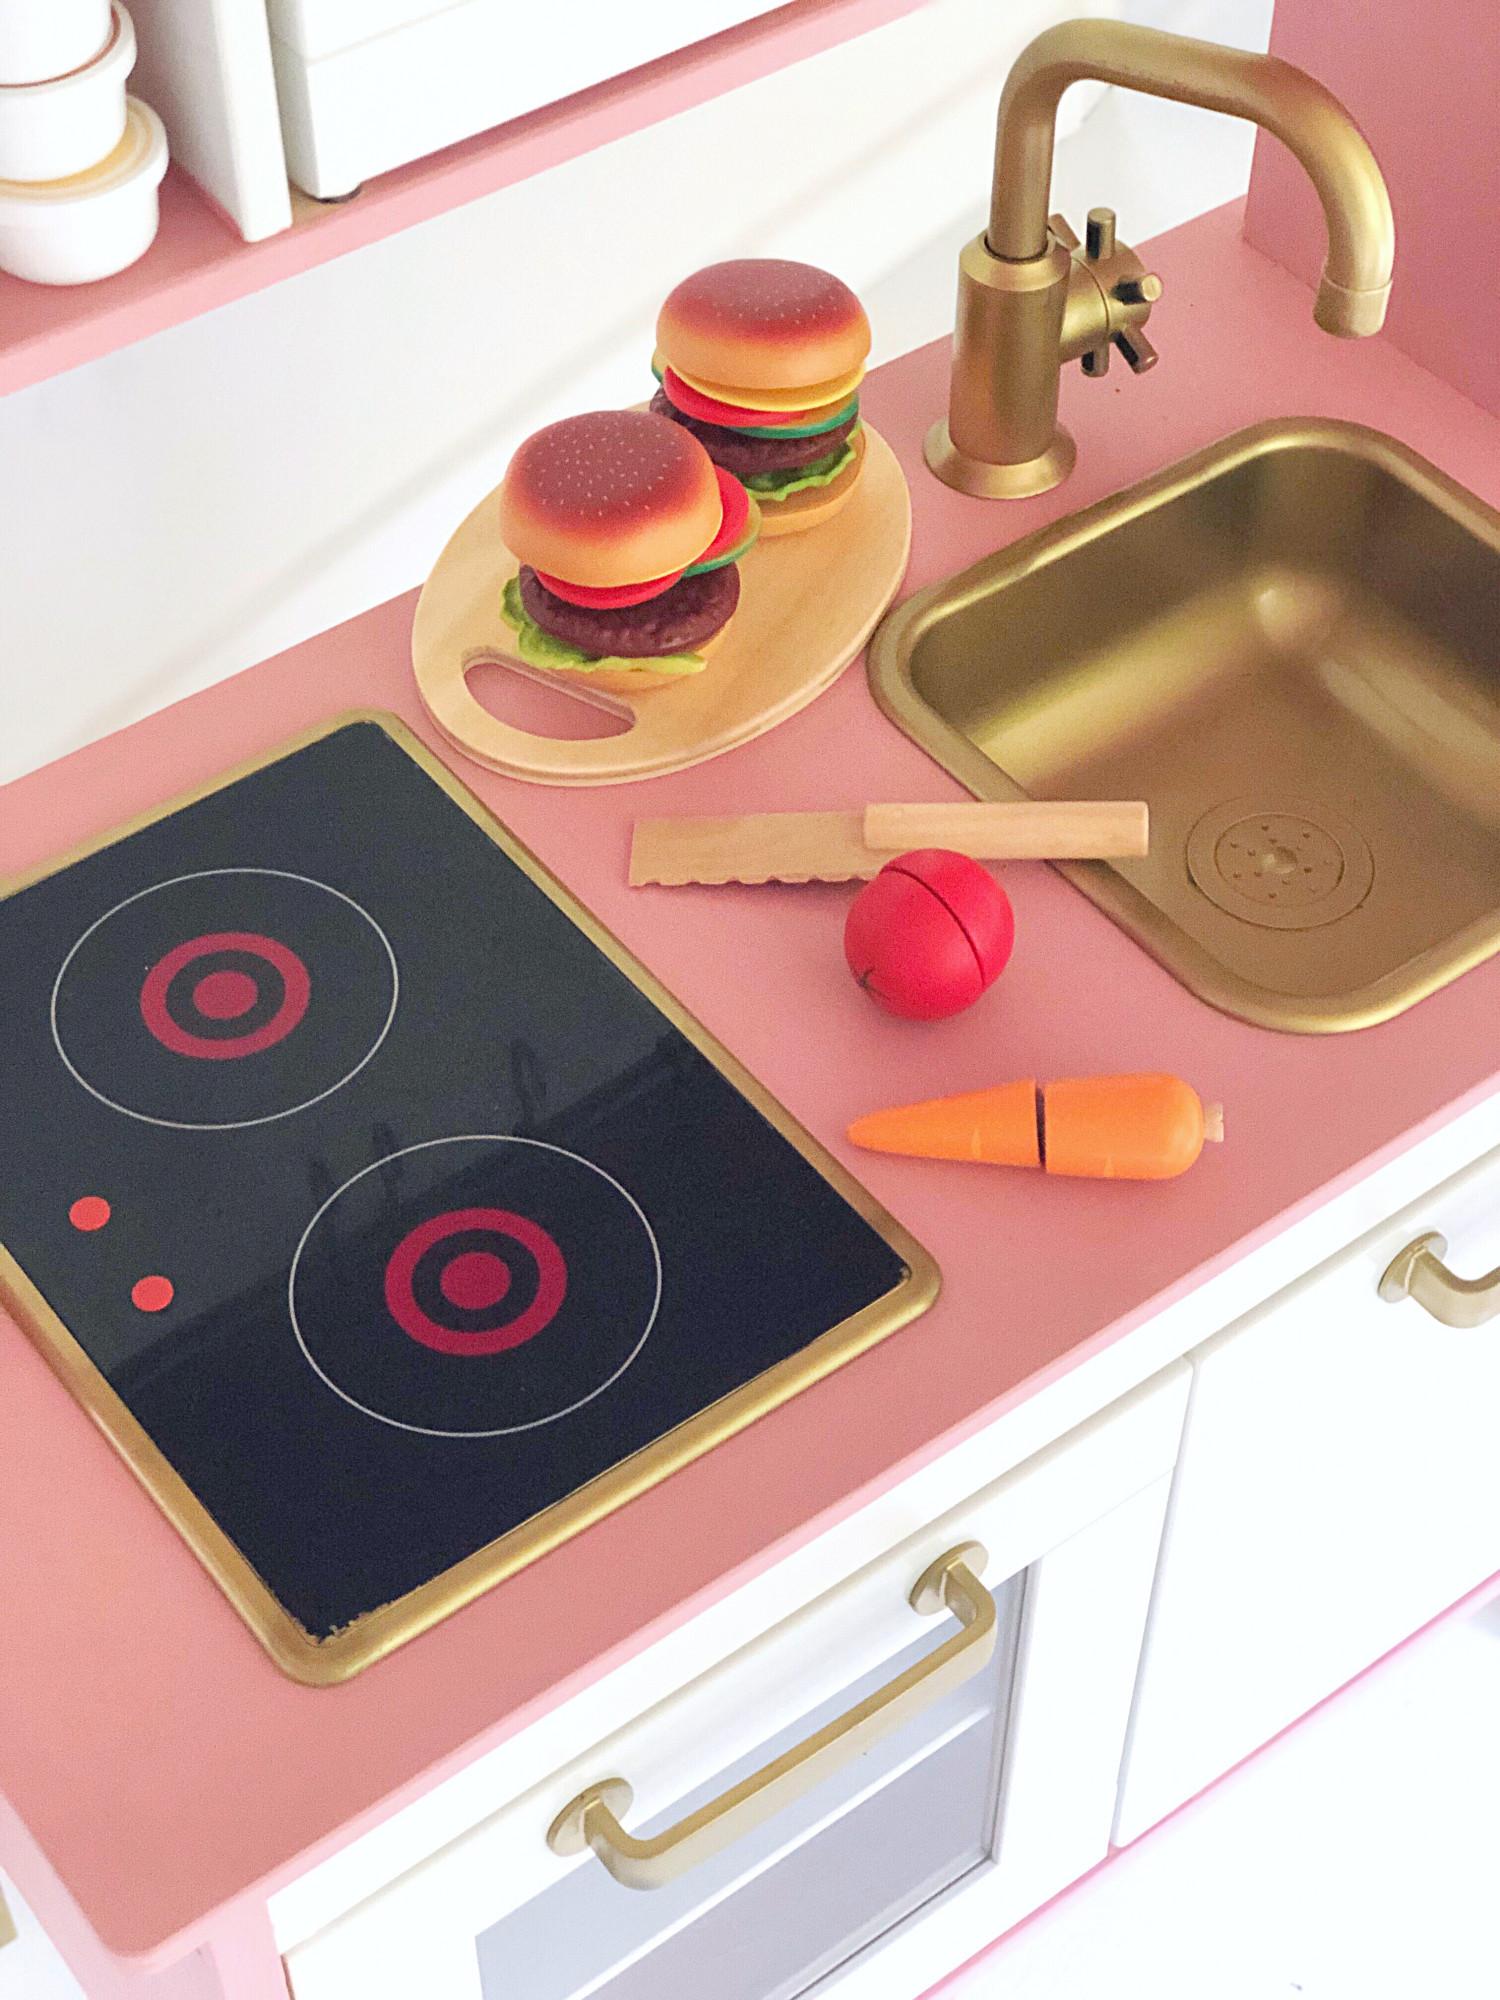 Ikea legekøkken hack - DIY inspiration til DUKTIG legekøkken